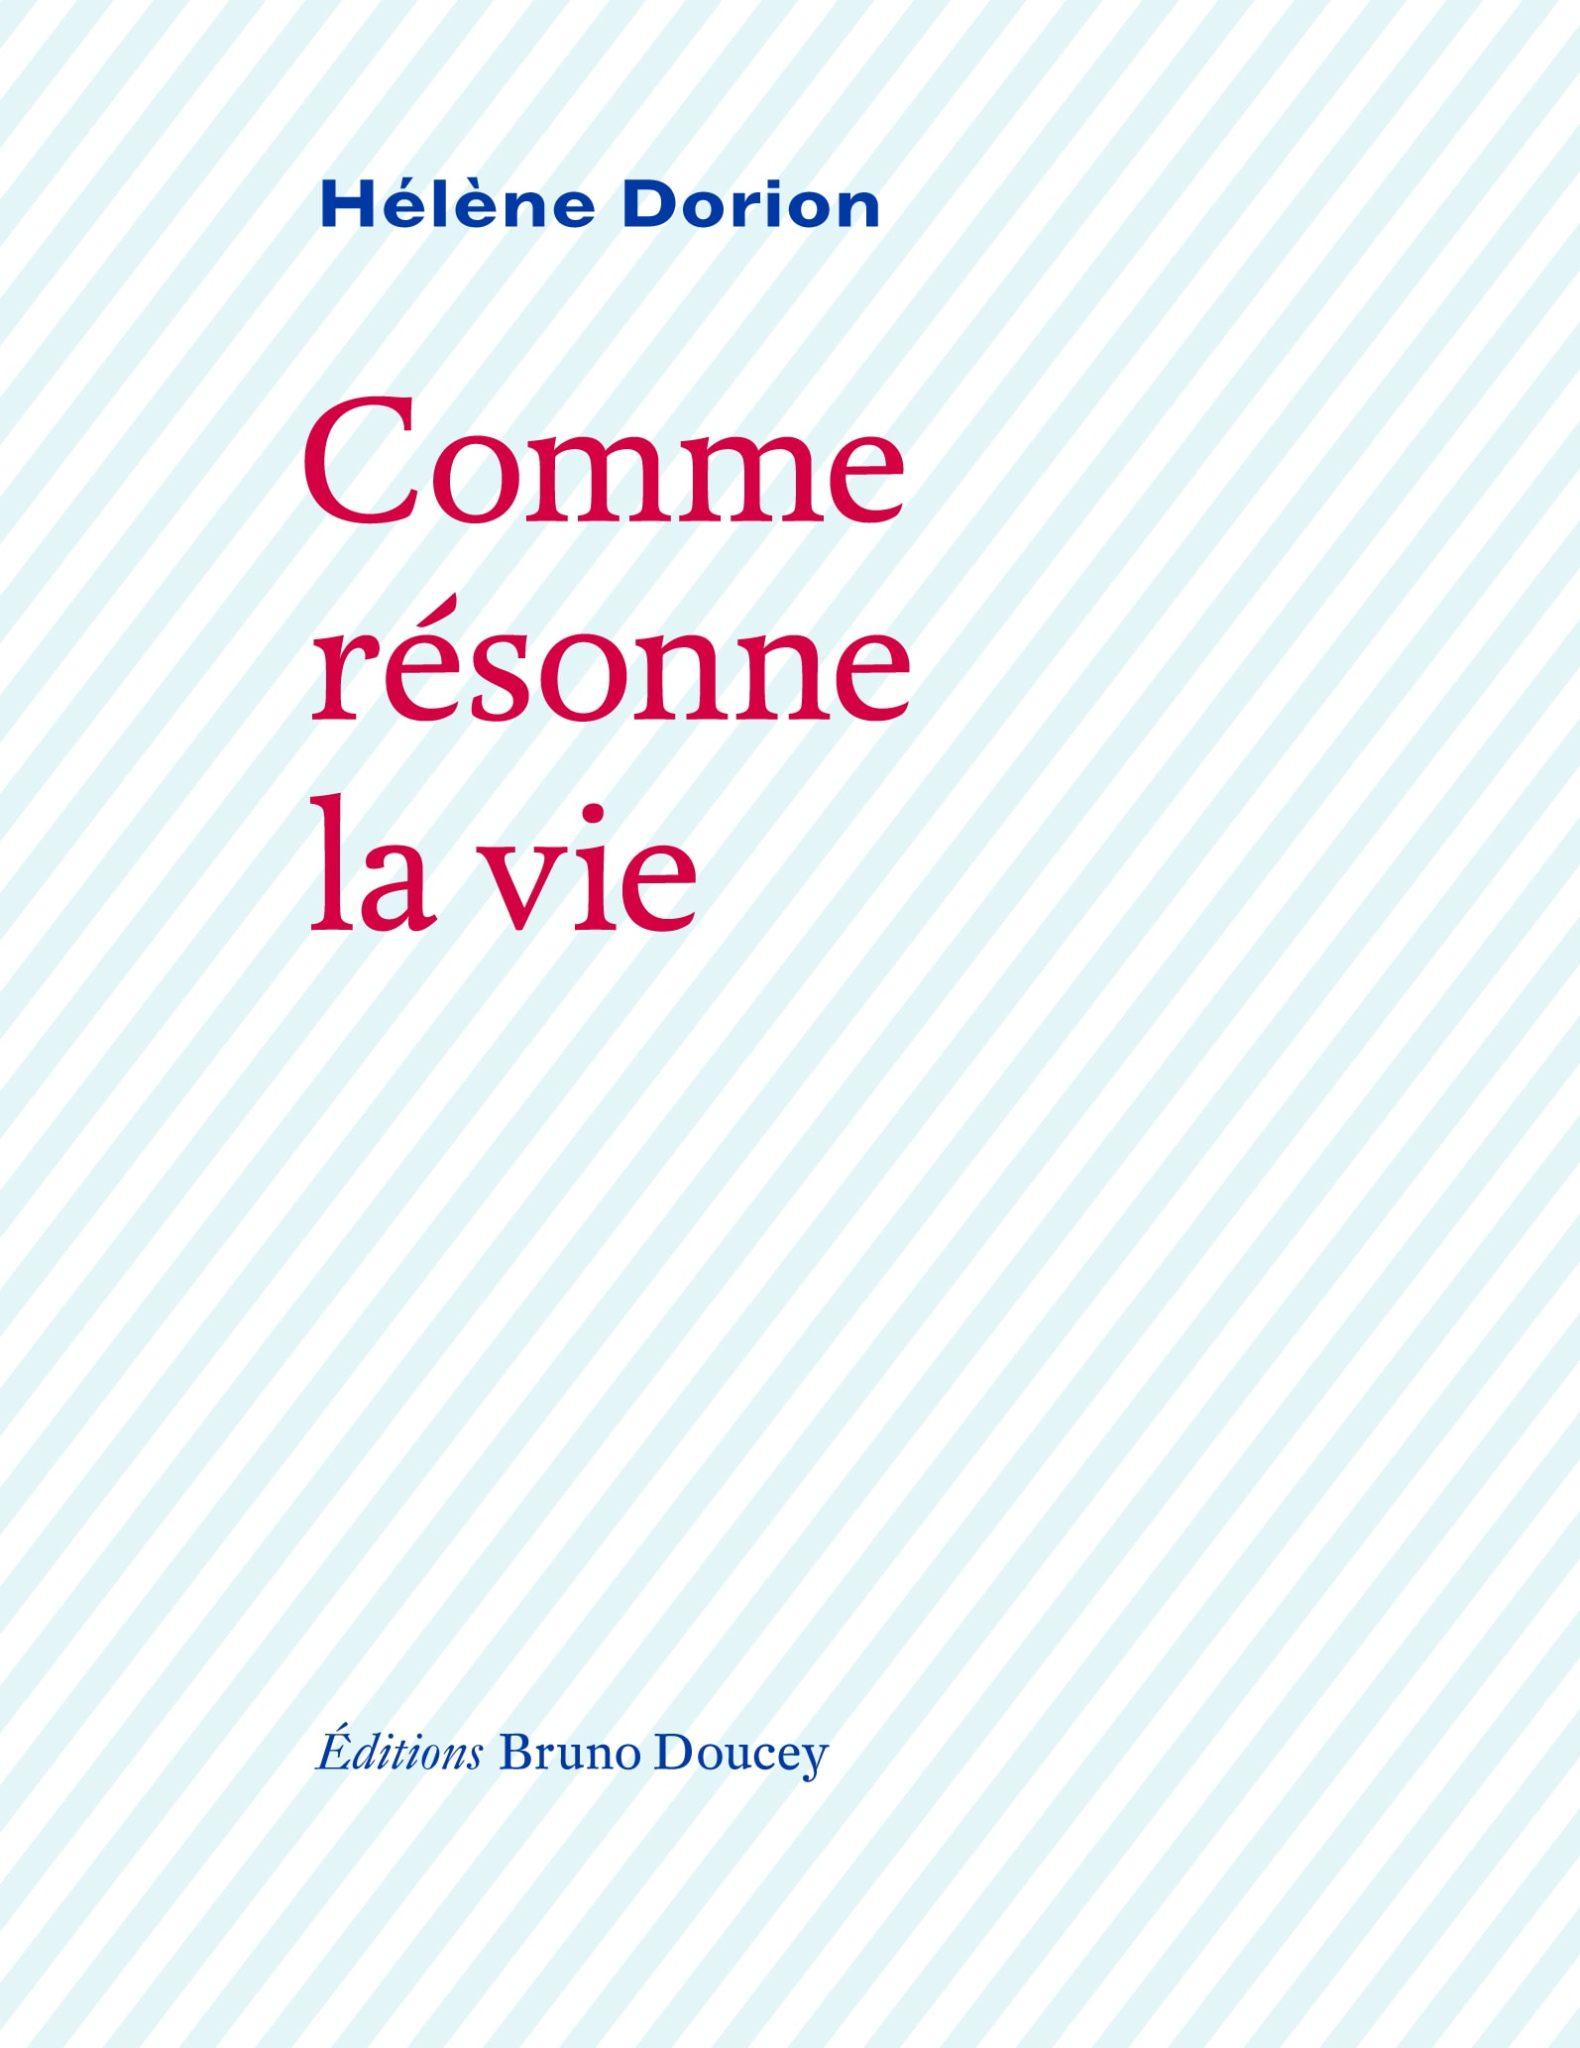 Comme résonne la vie de Hélène Dorion image couverture du livre